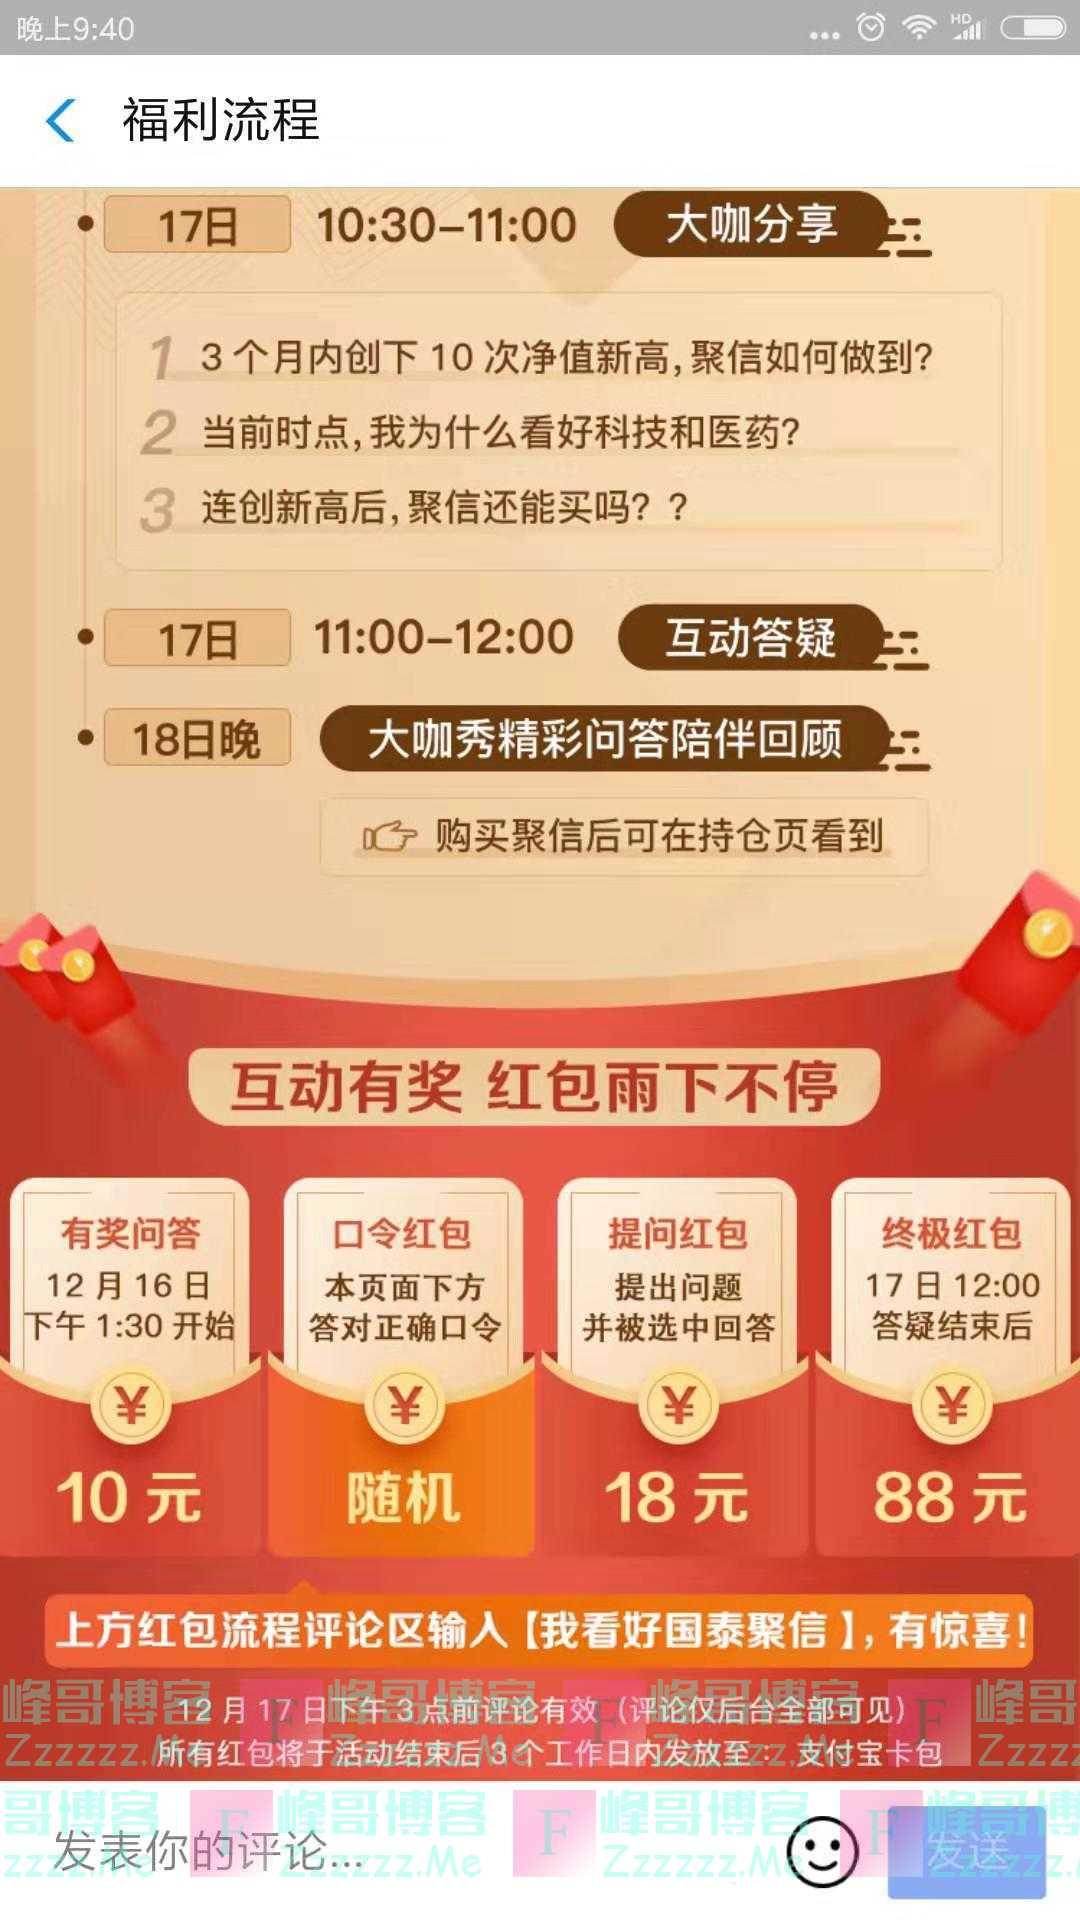 国泰基金互动红包雨(截止12月17日)